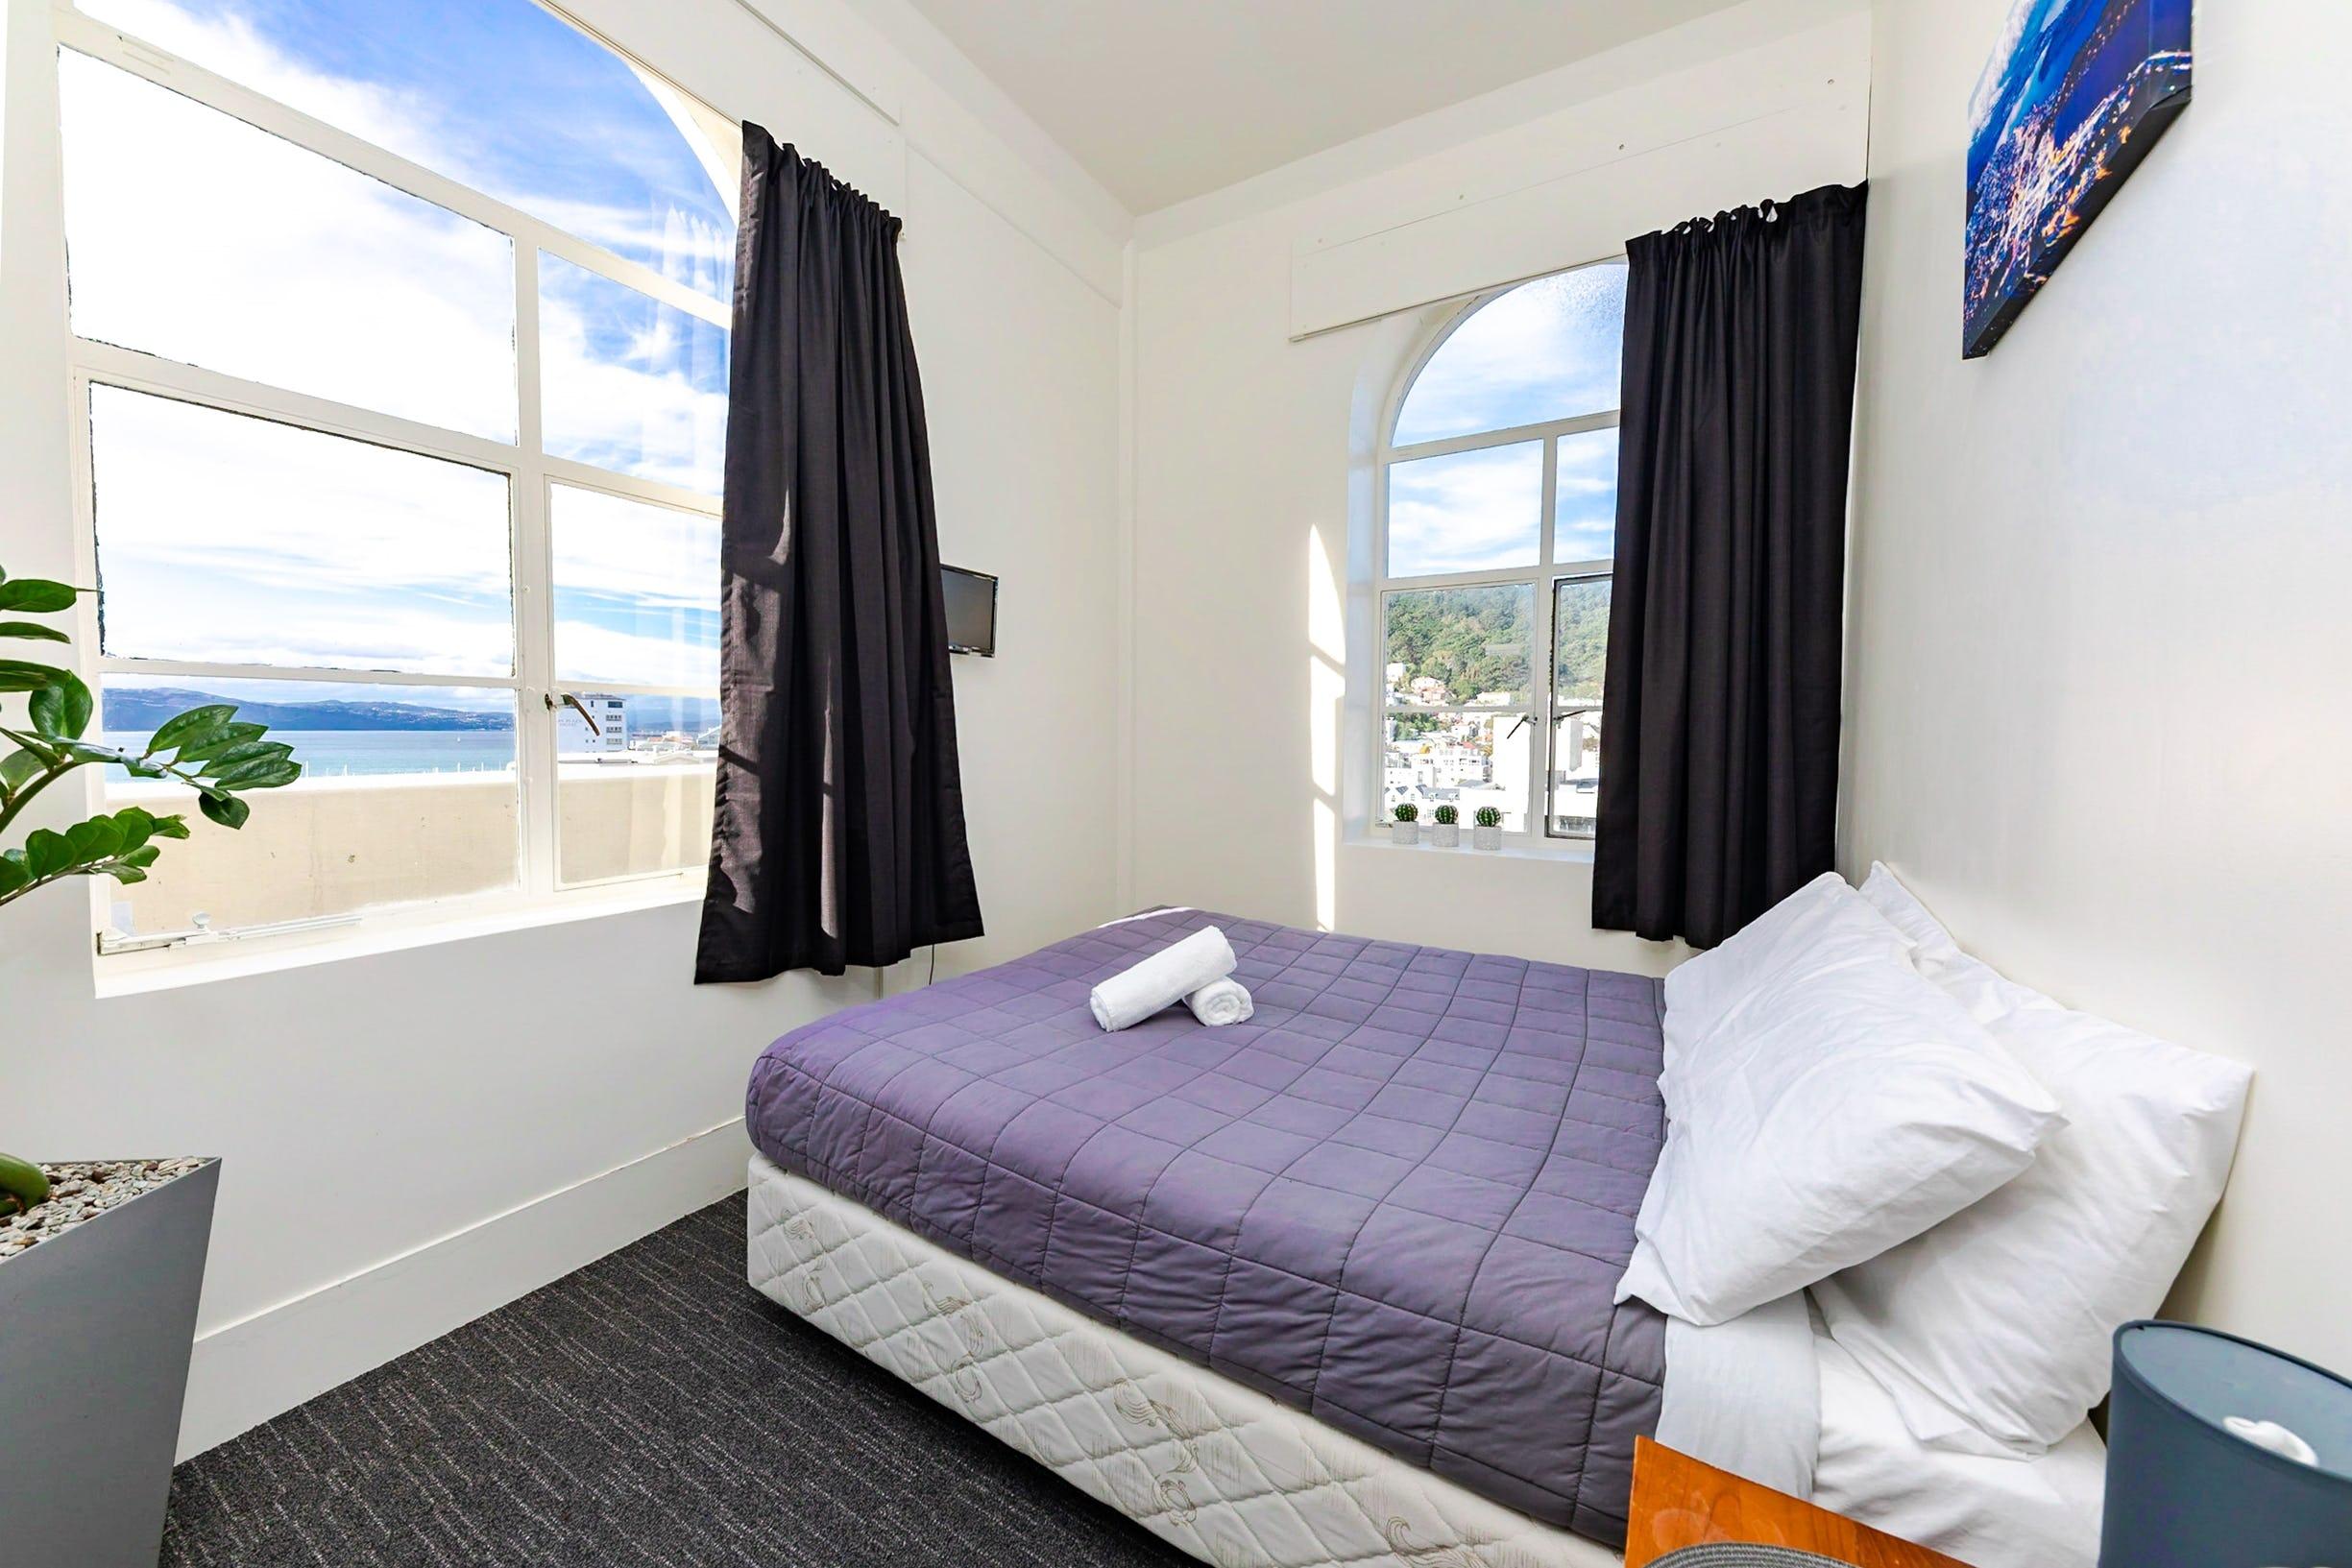 Base惠灵顿背包客旅馆私人大床双人套房